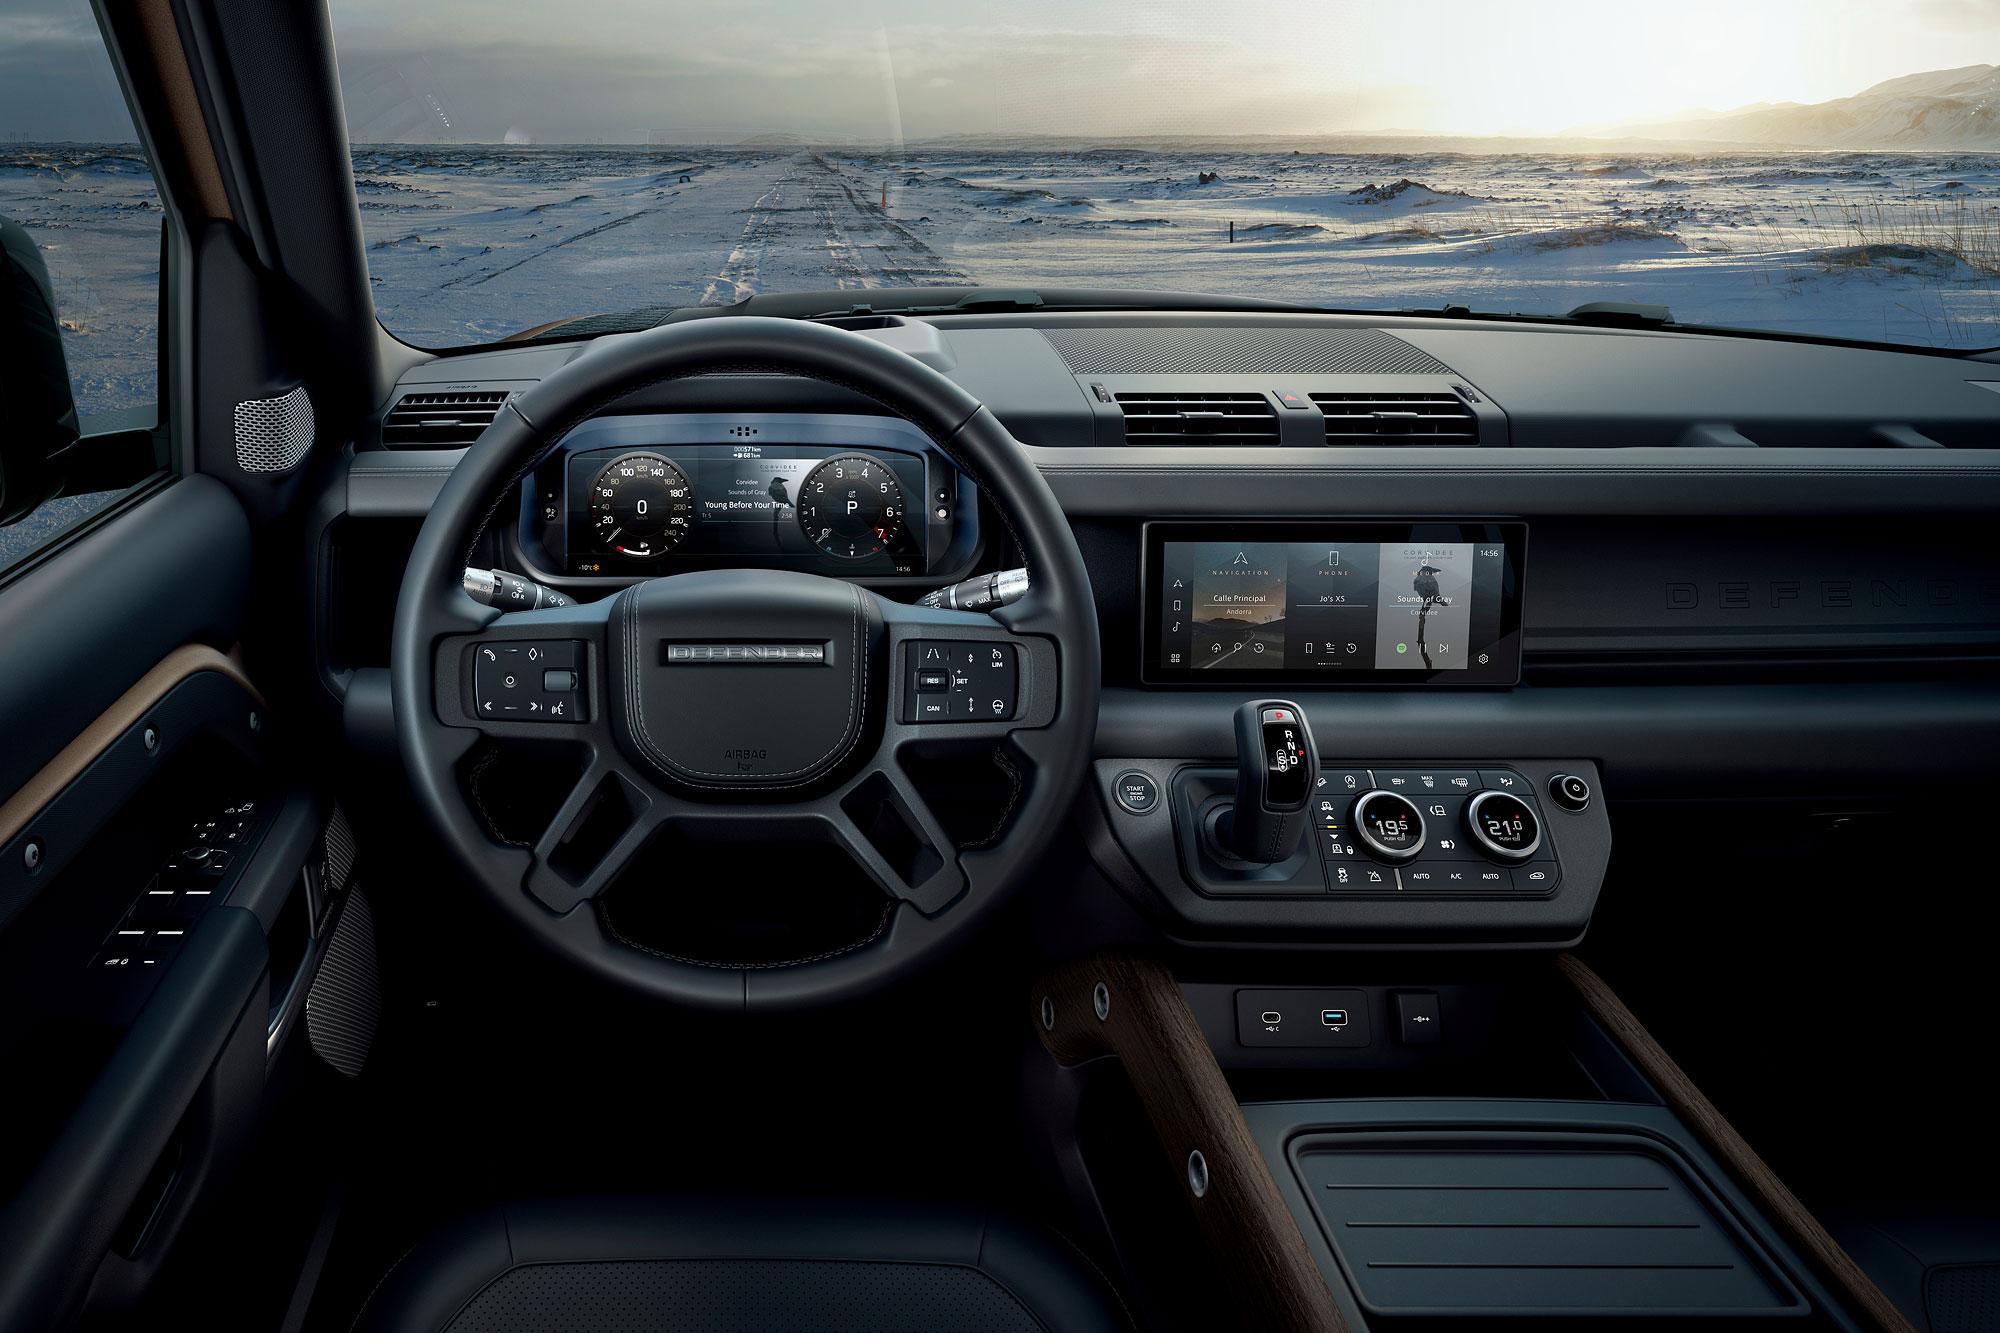 新世代 Defender 車內設計已走向豪華化與科技化